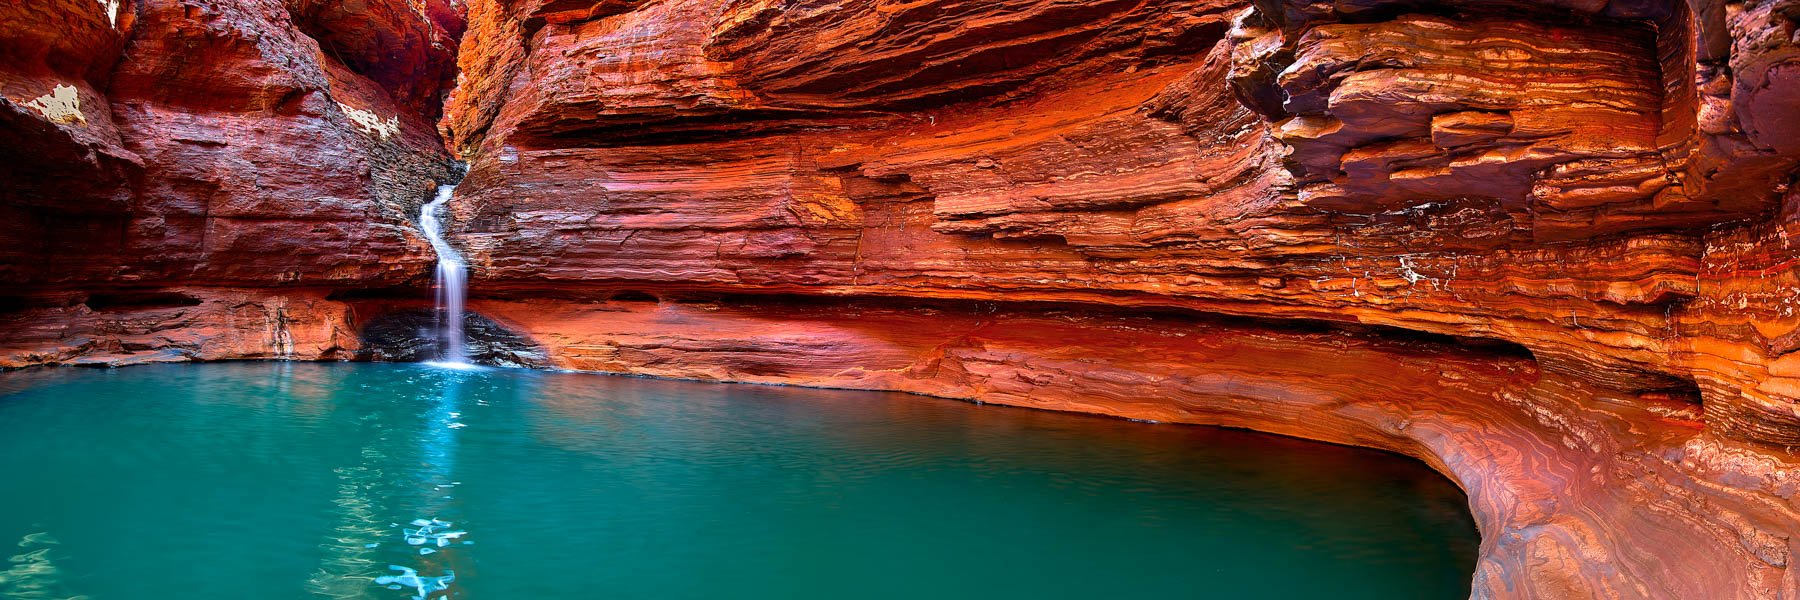 Swimming hole, Hancock Gorge in Karijini National Park, WA, Australia.